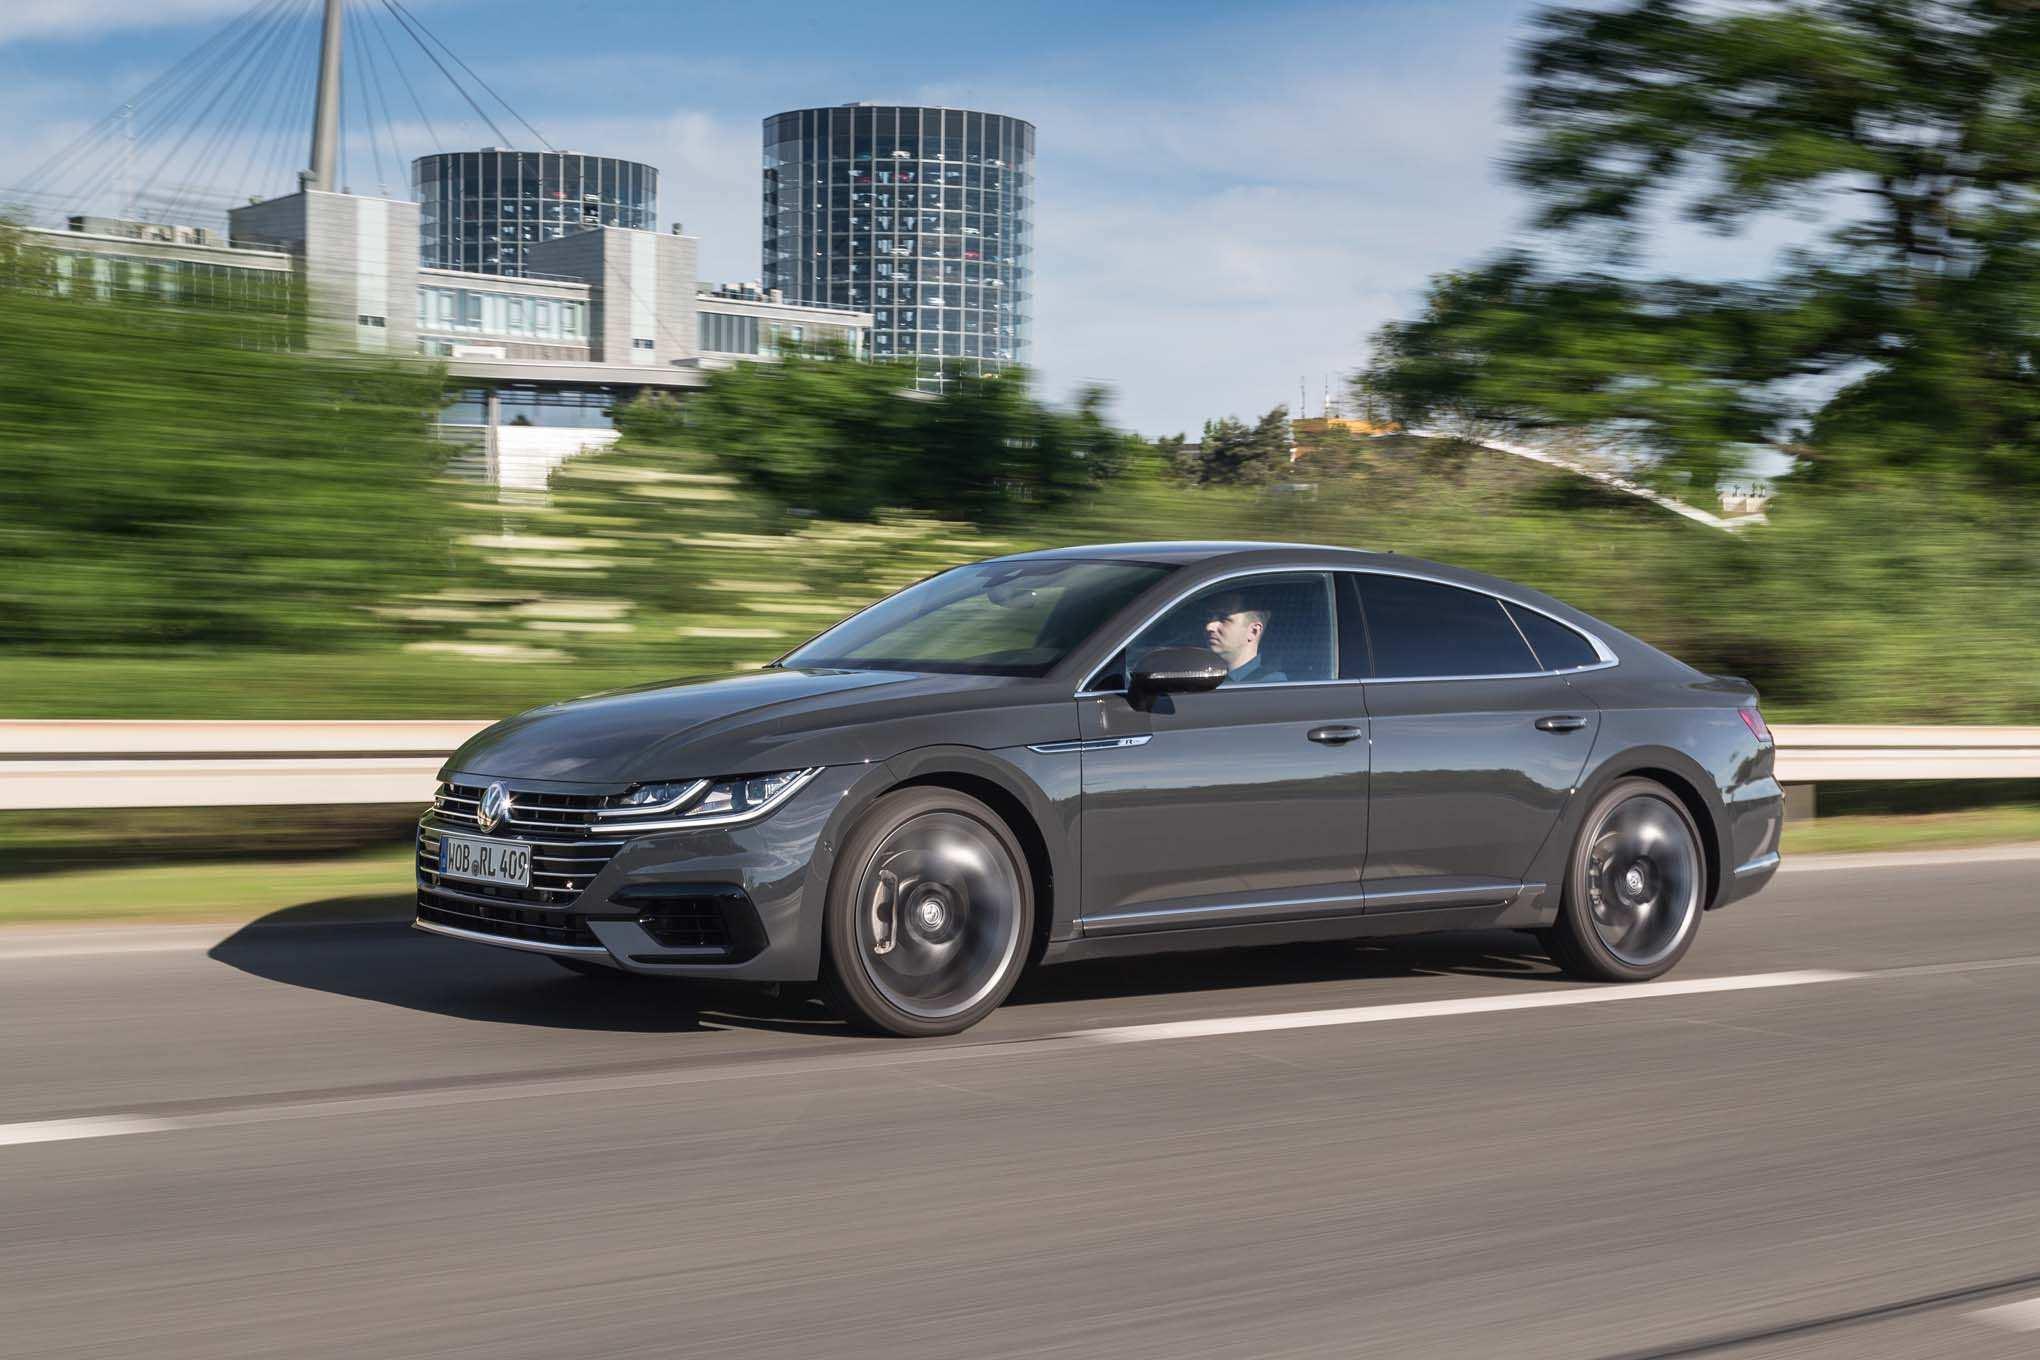 58 Gallery of Volkswagen Arteon 2020 Exterior Concept for Volkswagen Arteon 2020 Exterior